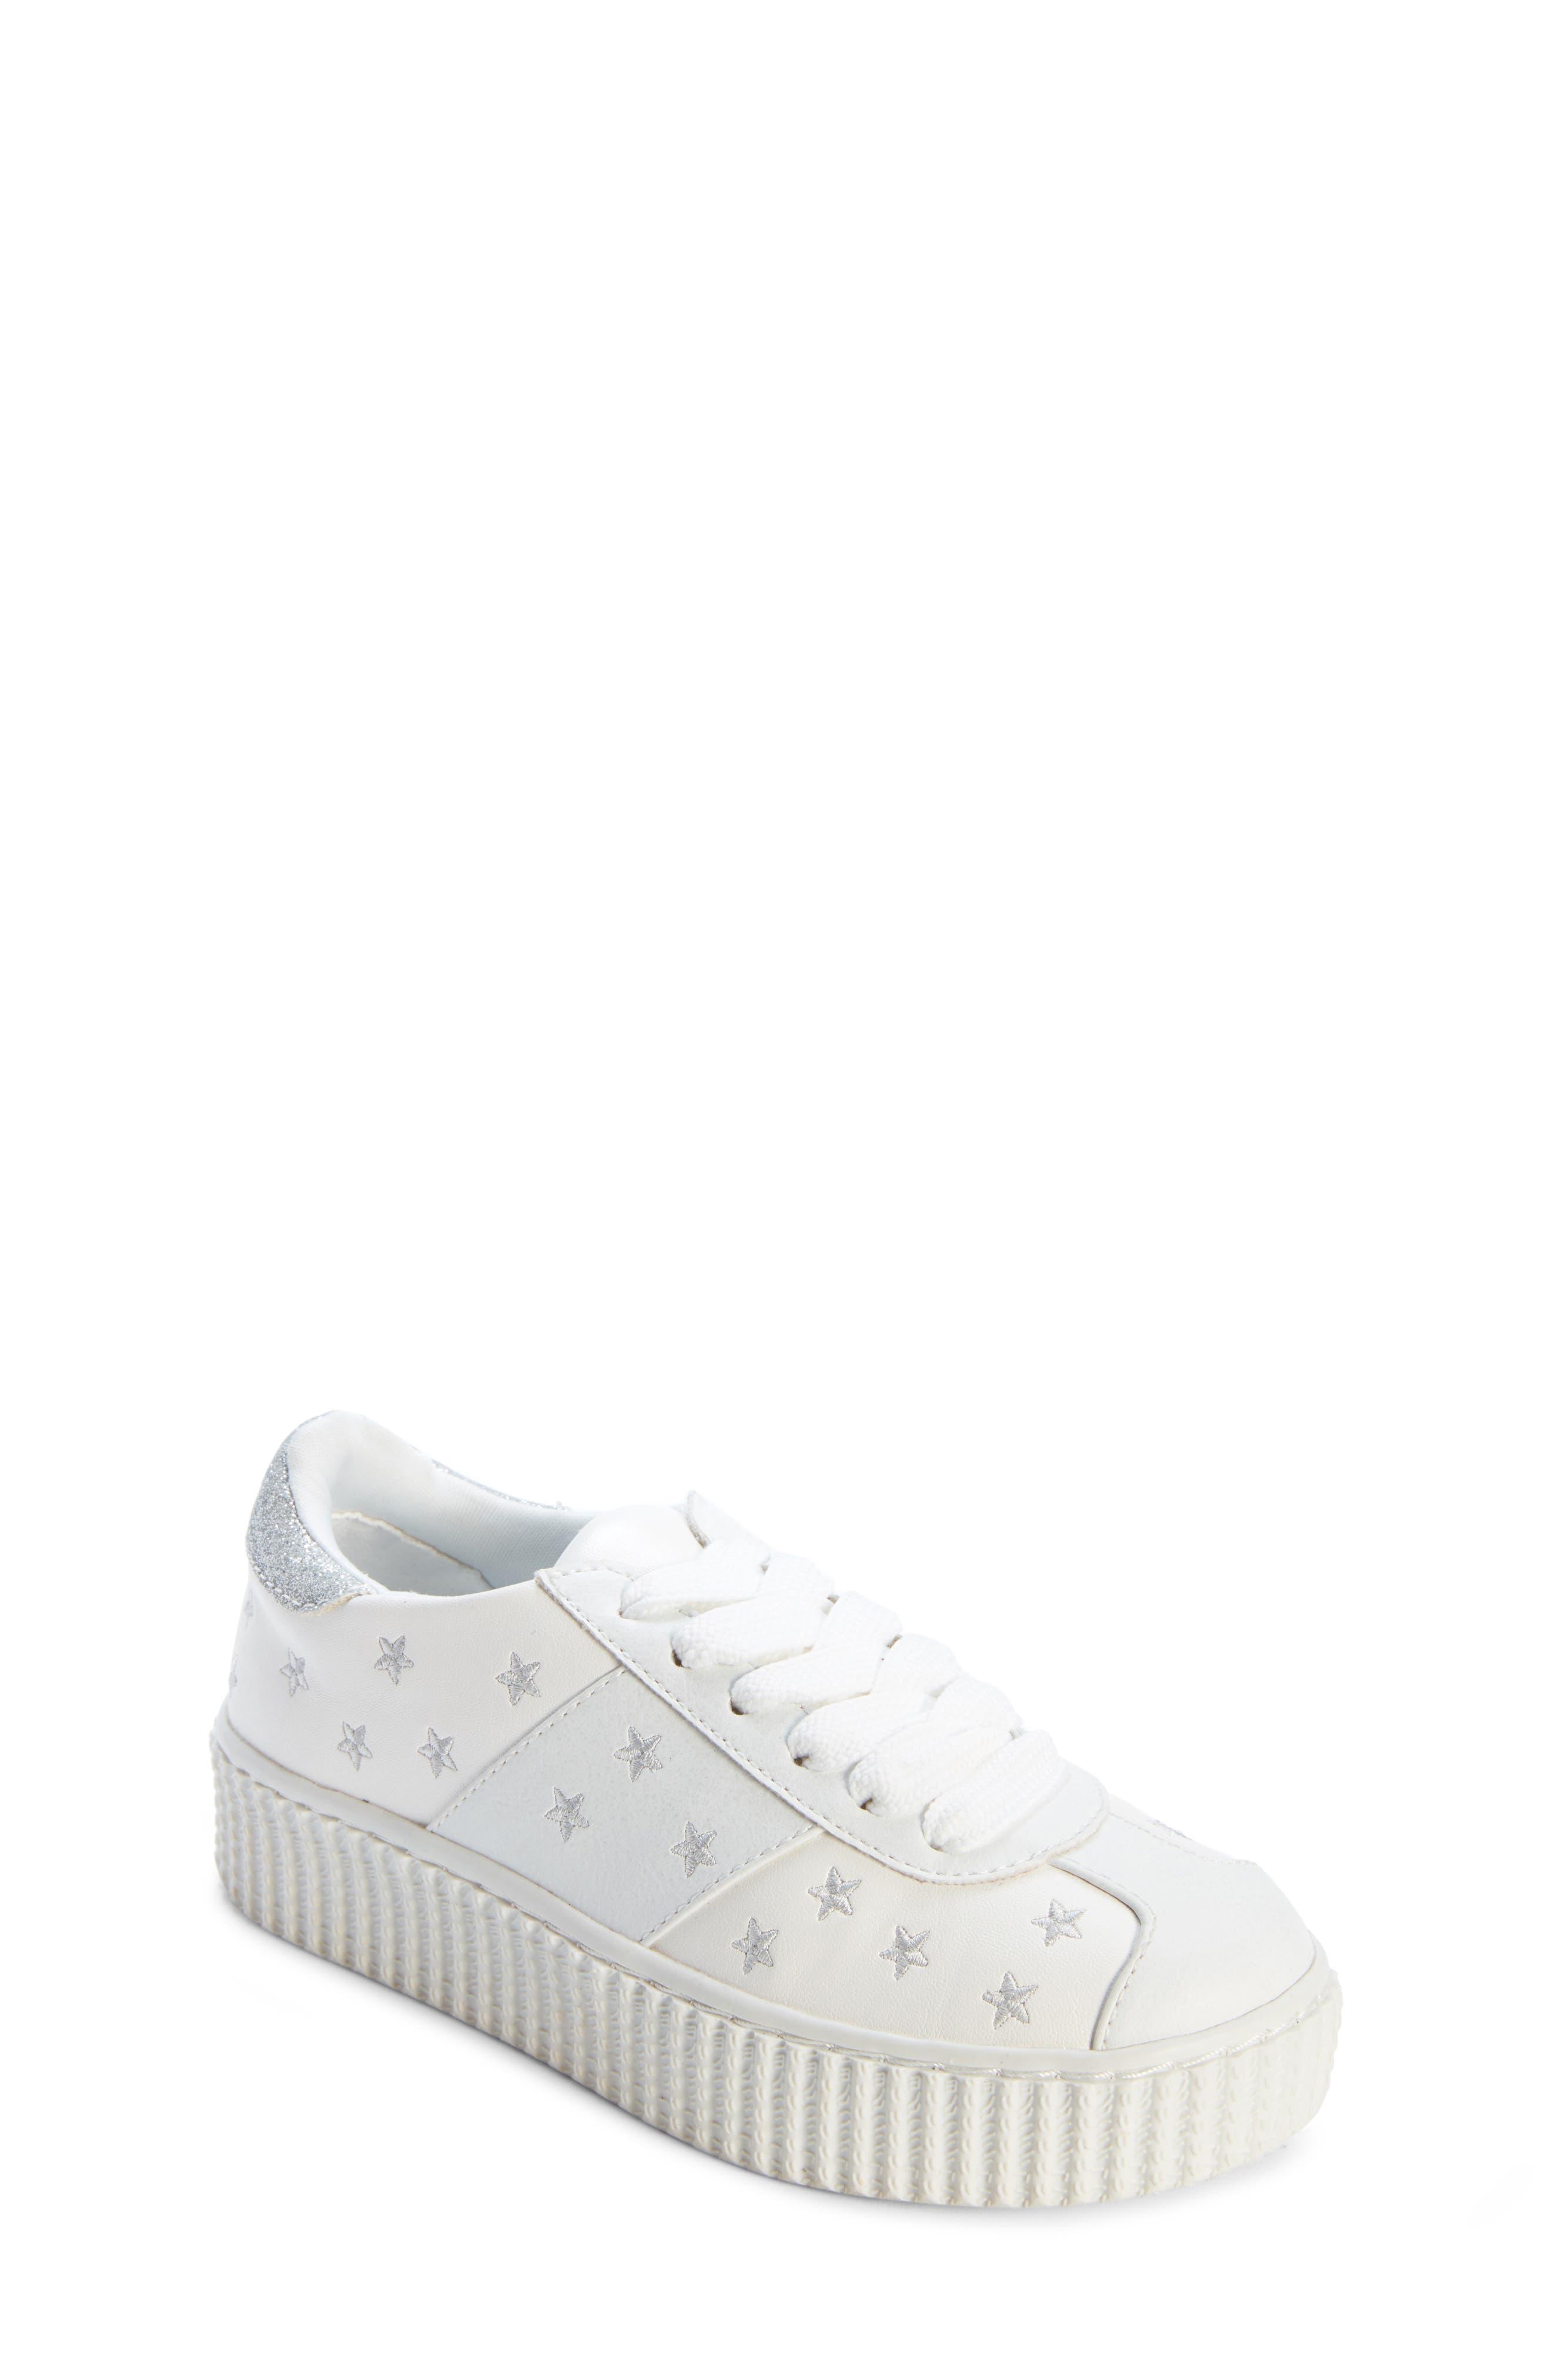 Cadin Star Creeper Sneaker,                         Main,                         color, 100